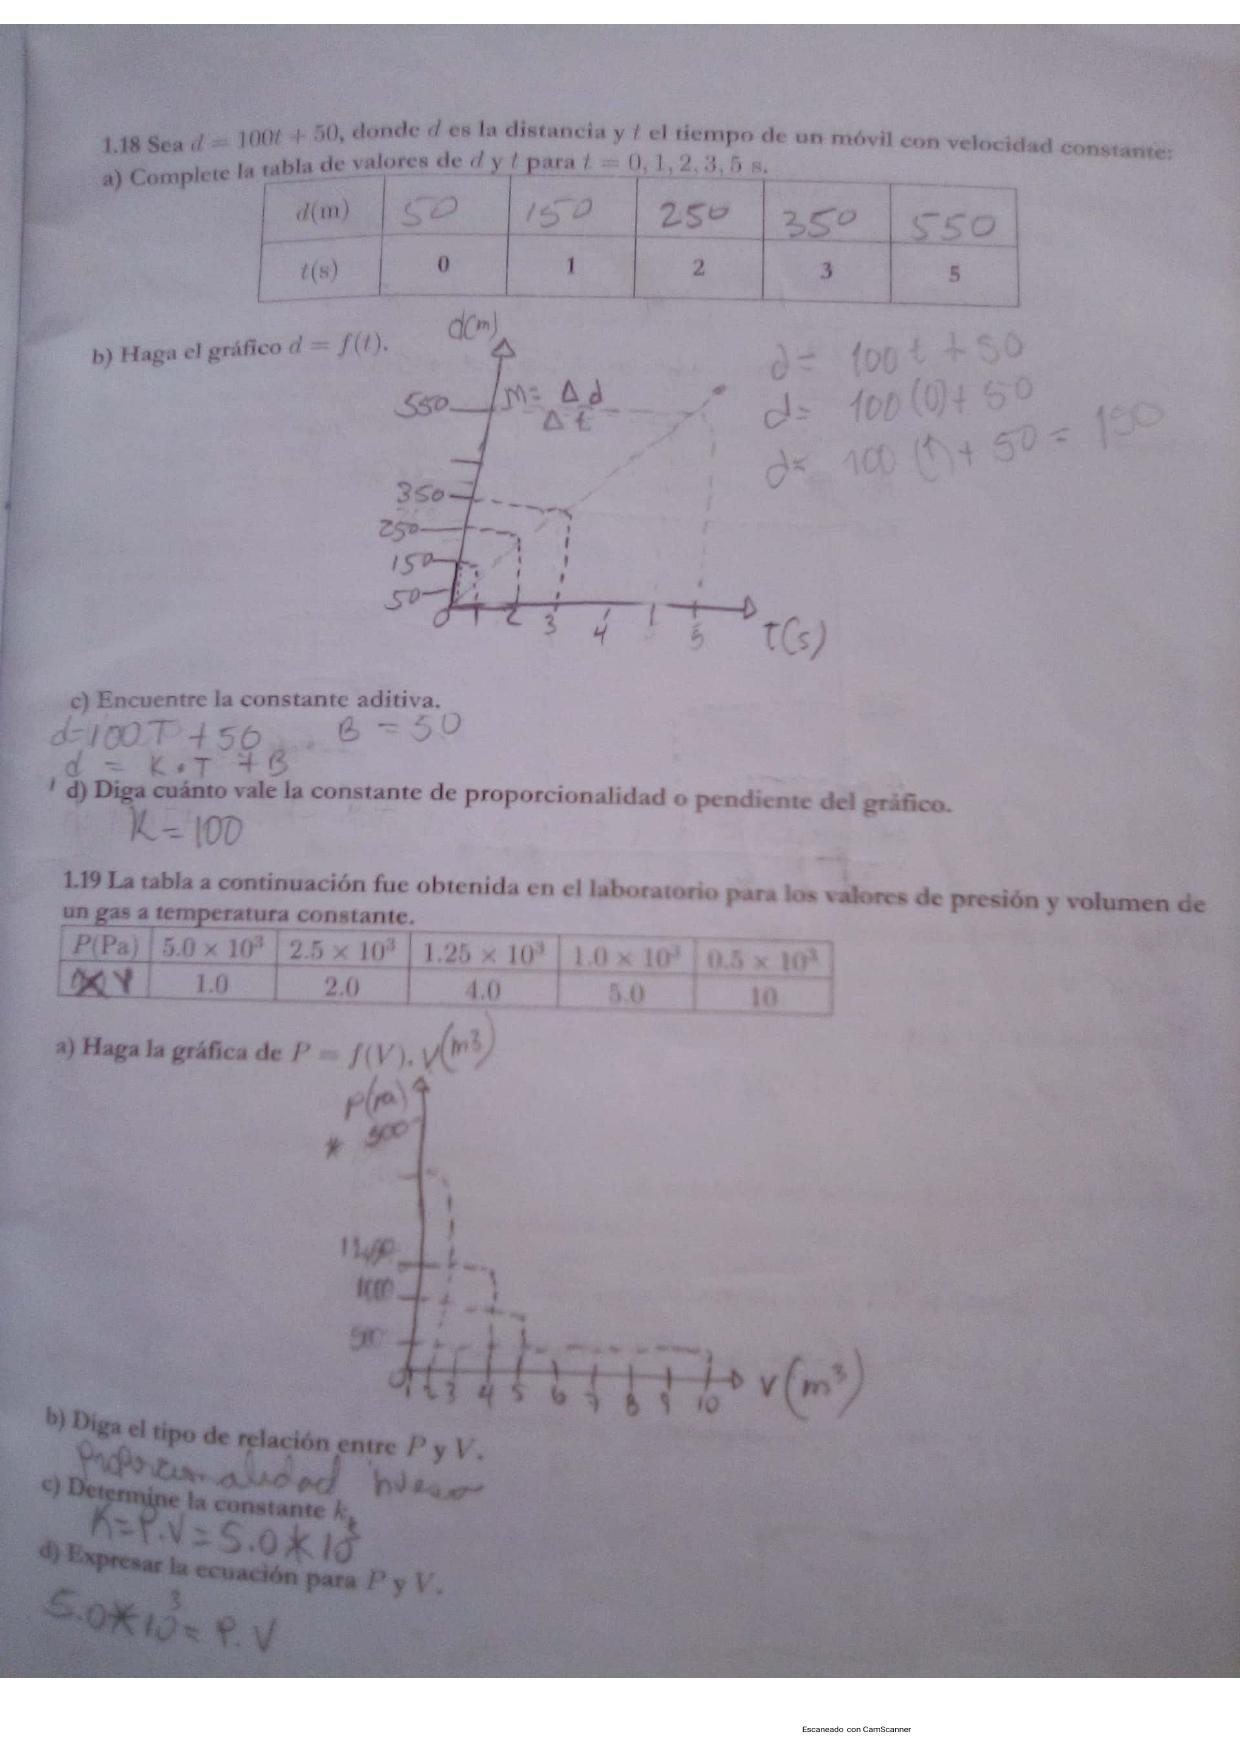 cuaderno-de-trabajo-f-sica-b-sica-page-0009